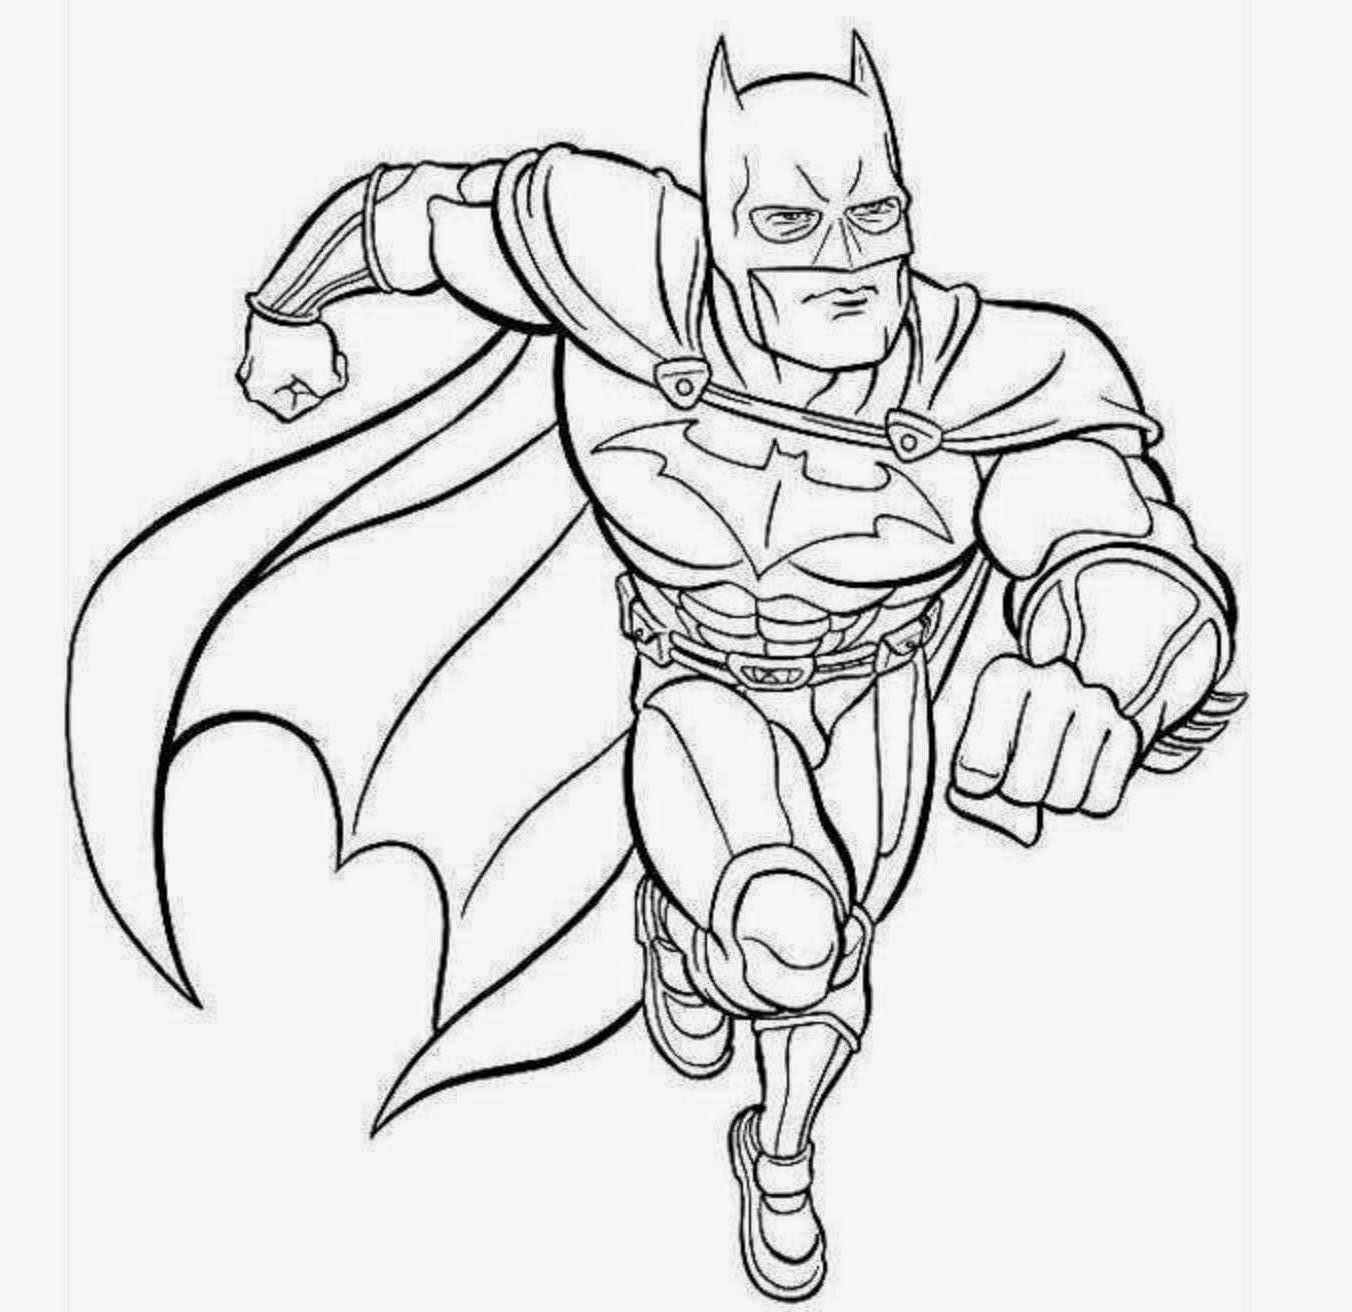 Tolle Gerechtigkeit Liga Batman Malvorlagen Ideen - Beispiel ...